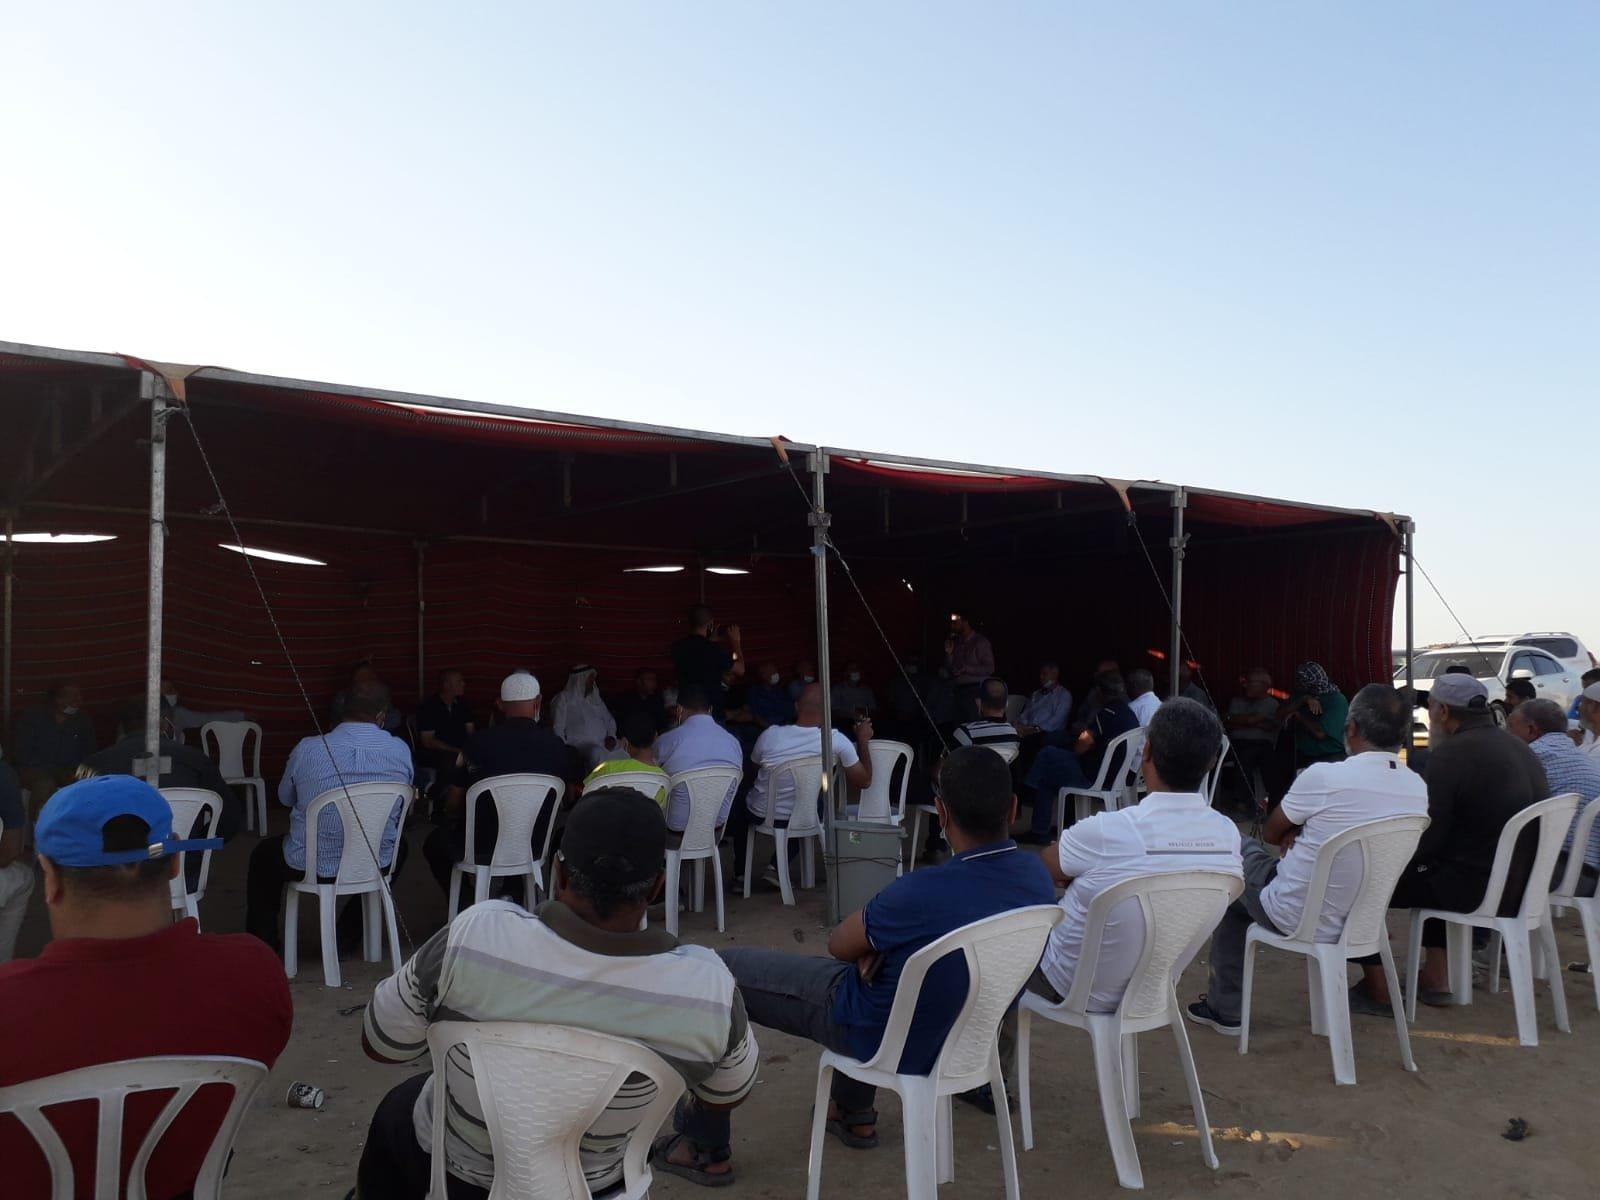 أمسية ثقافية في خيمة الاعتصام بخربة الوطن في النقب-0